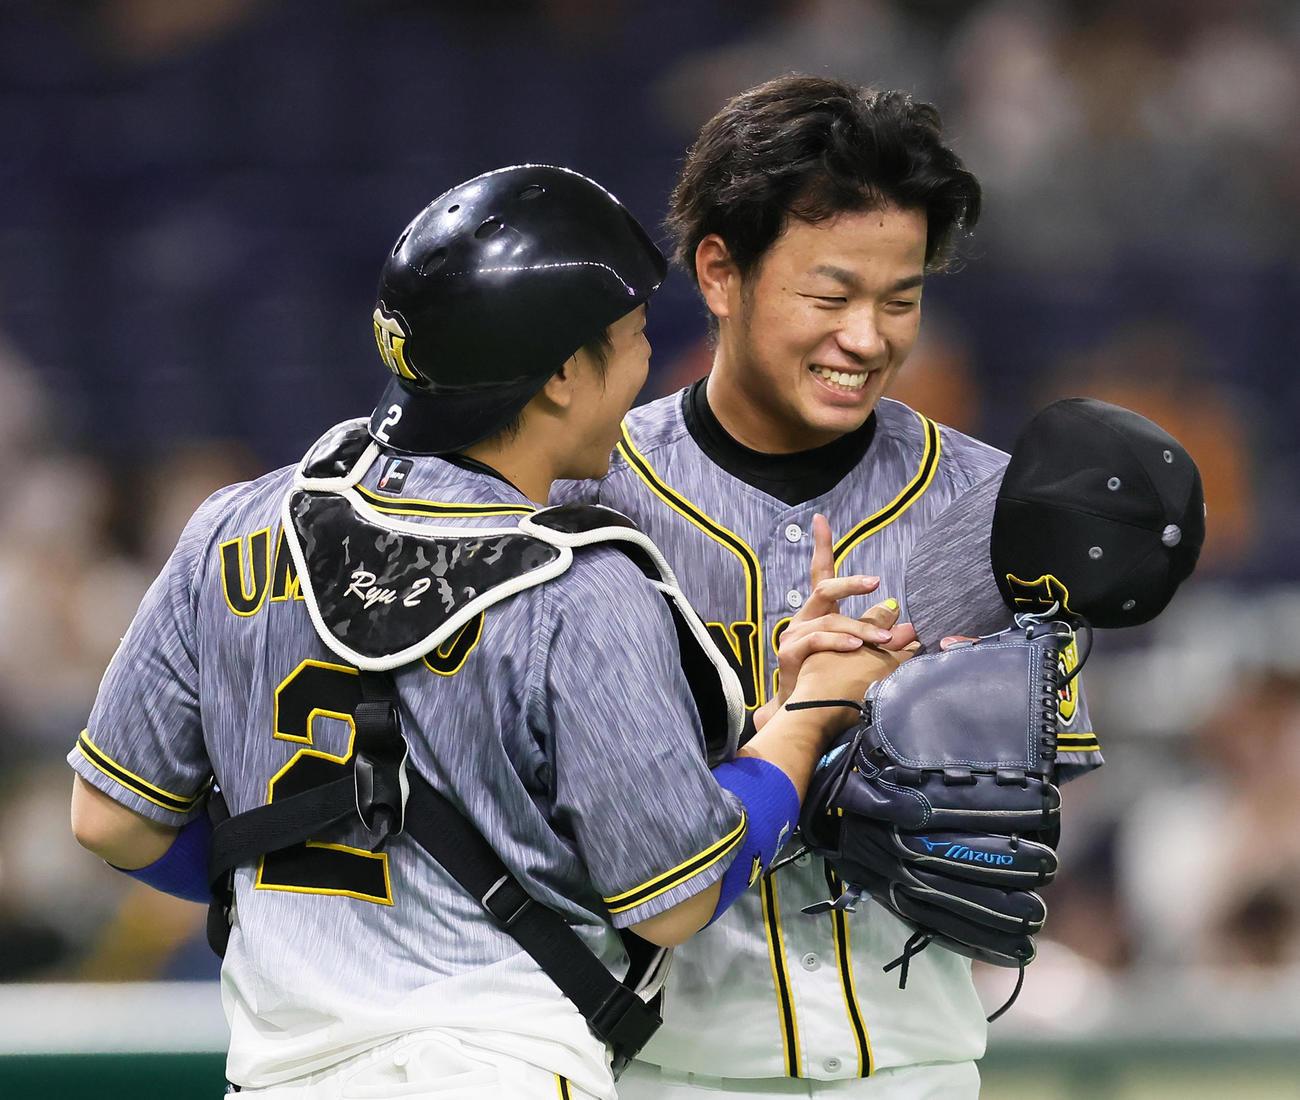 巨人対阪神 プロ初完封勝利を飾った阪神高橋(右)は梅野と笑顔でタッチを交わす(撮影・足立雅史)